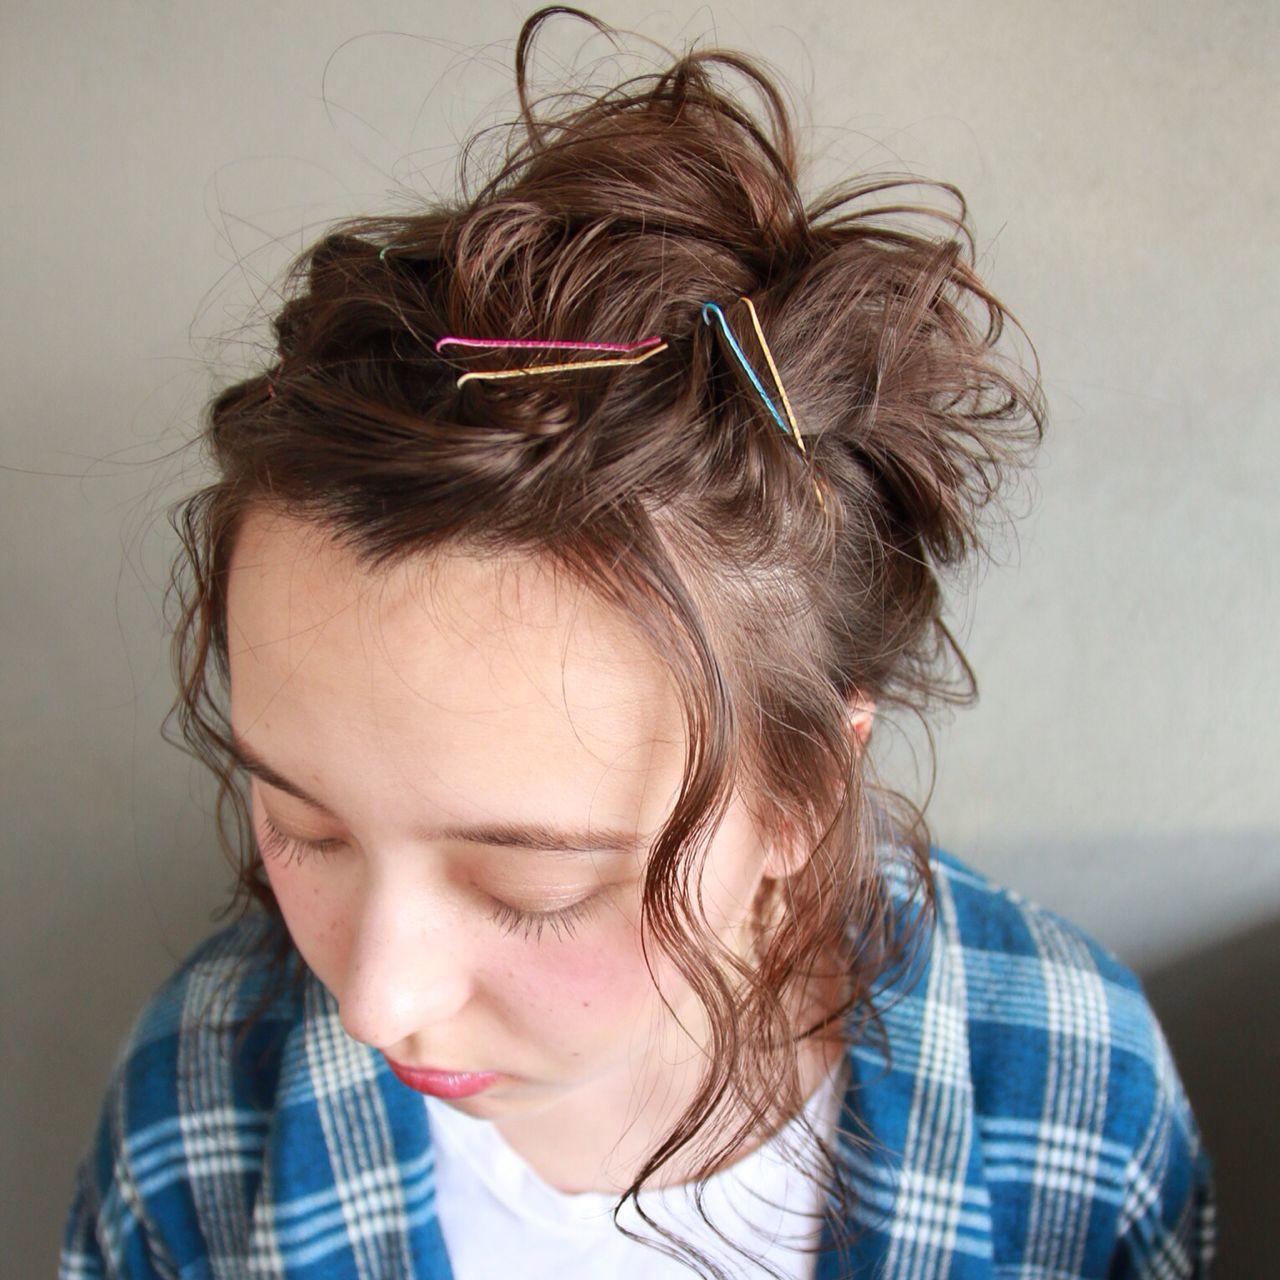 ヘアアレンジ ヘアピン ナチュラル 簡単ヘアアレンジ ヘアスタイルや髪型の写真・画像